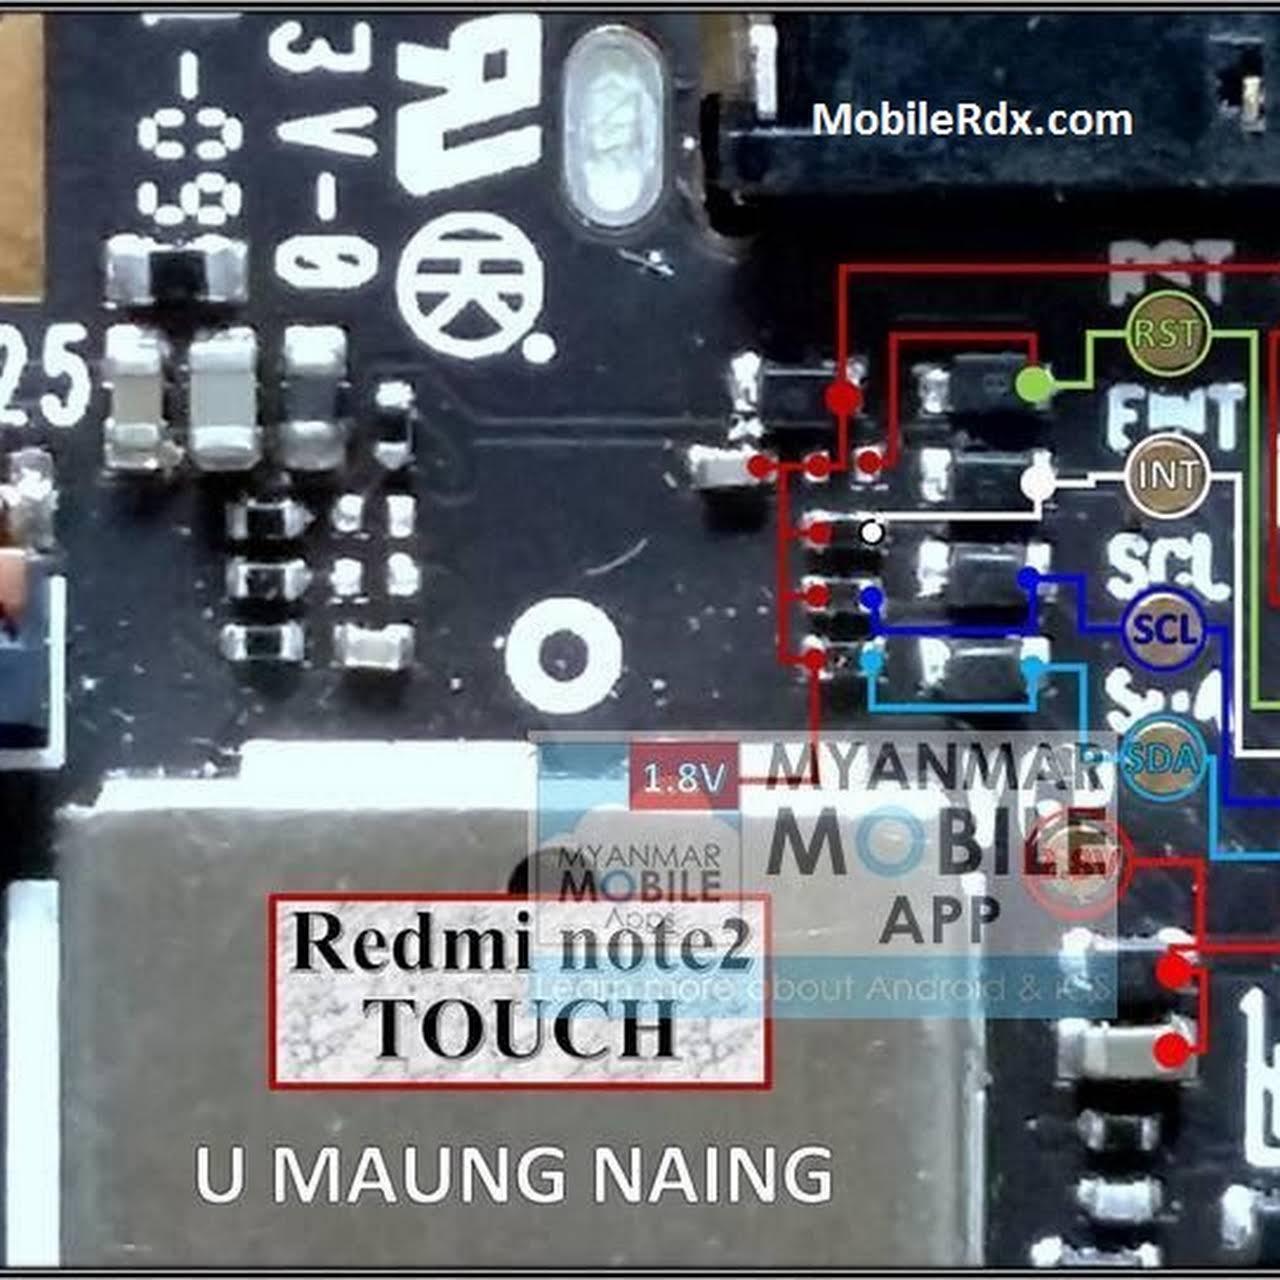 SPEDD MOBILE PHONE REPAIR AND UNLOCK SERVICES - Mobile Phone Repair